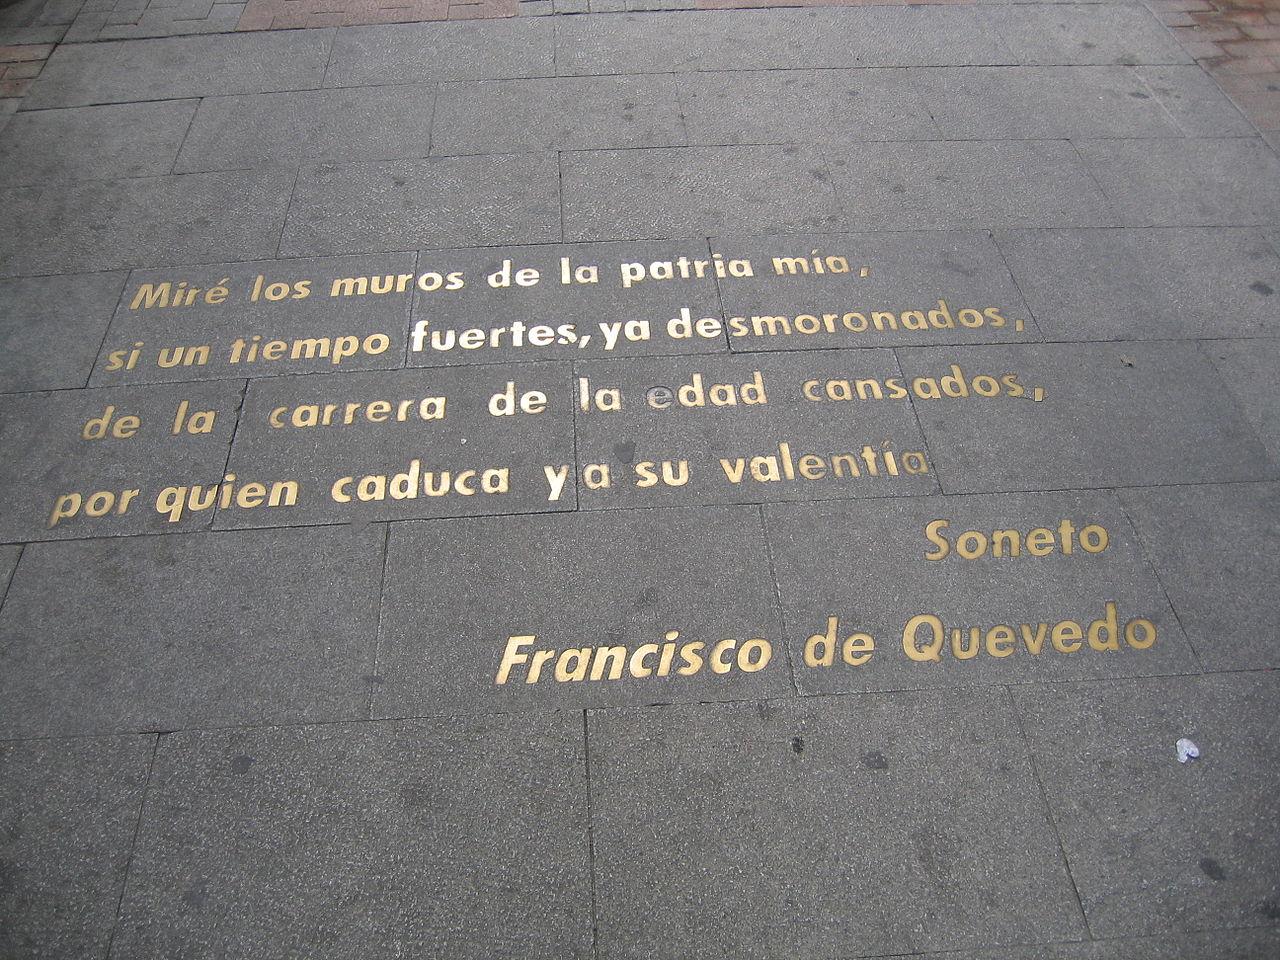 Los sonetos de Quevedo son muy famosos